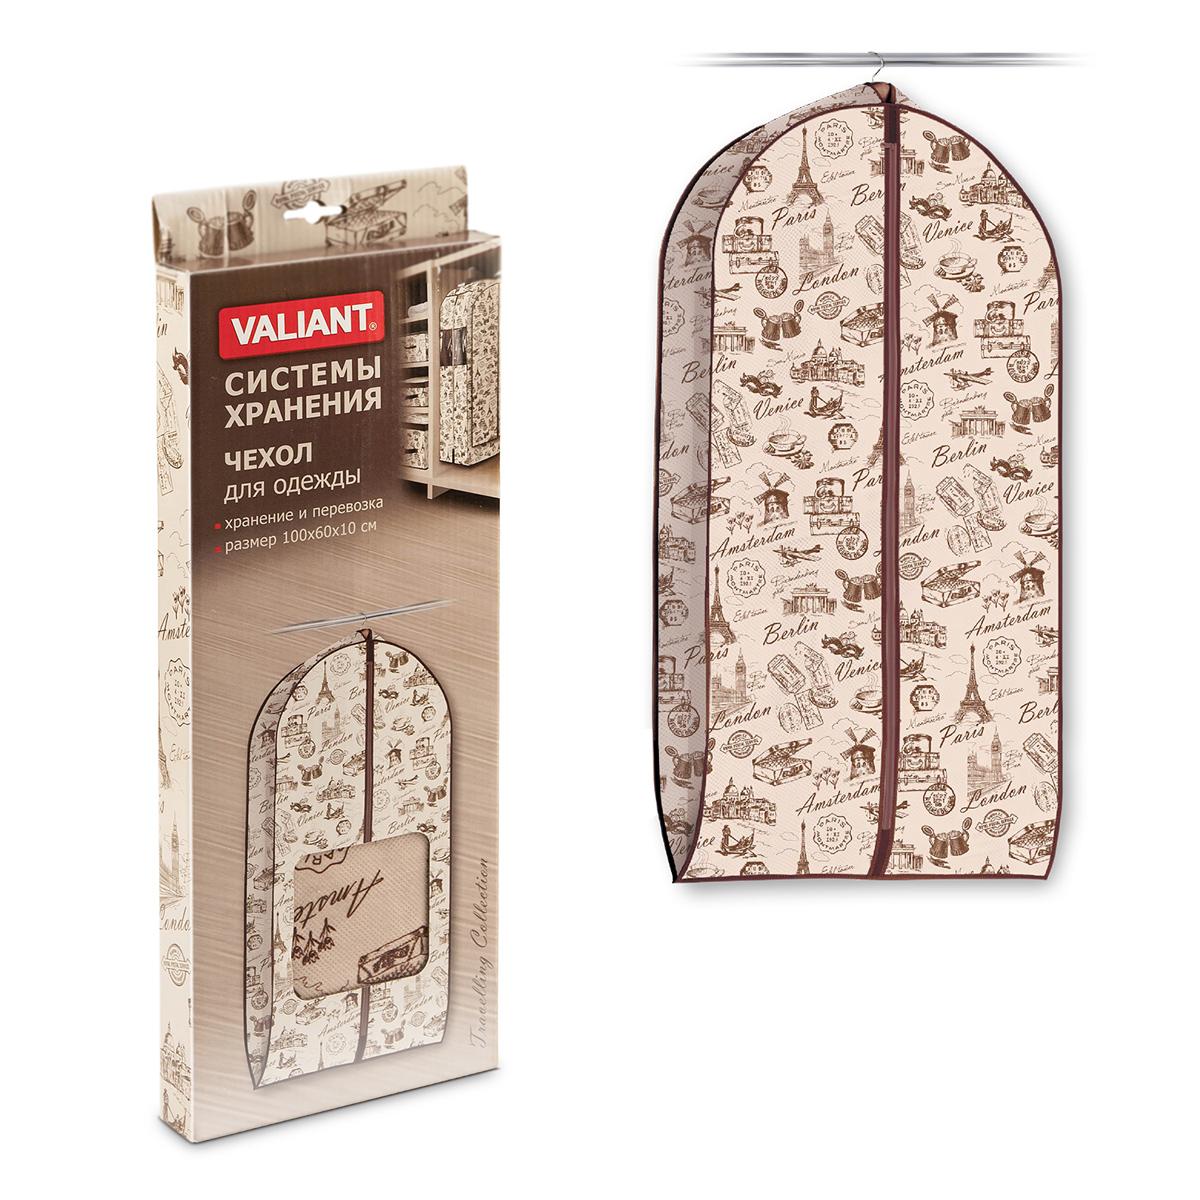 Чехол для одежды Valiant Travelling, объемный, 60 см х 100 см х 10 смTR-106HЧехол для одежды Valiant Travelling изготовлен из высококачественного нетканого материала (спанбонда), который обеспечивает естественную вентиляцию, позволяя воздуху проникать внутрь, но не пропускает пыль. Чехол очень удобен в использовании. Наличие боковой вставки увеличивает объем чехла, что позволяет хранить крупные объемные вещи. Чехол легко открывается и закрывается застежкой-молнией. Идеально подойдет для транспортировки и хранения одежды. Оригинальный дизайн погружает в атмосферу путешествий по разным городам и странам. Системы хранения в едином дизайне сделают вашу гардеробную изысканной и невероятно стильной.